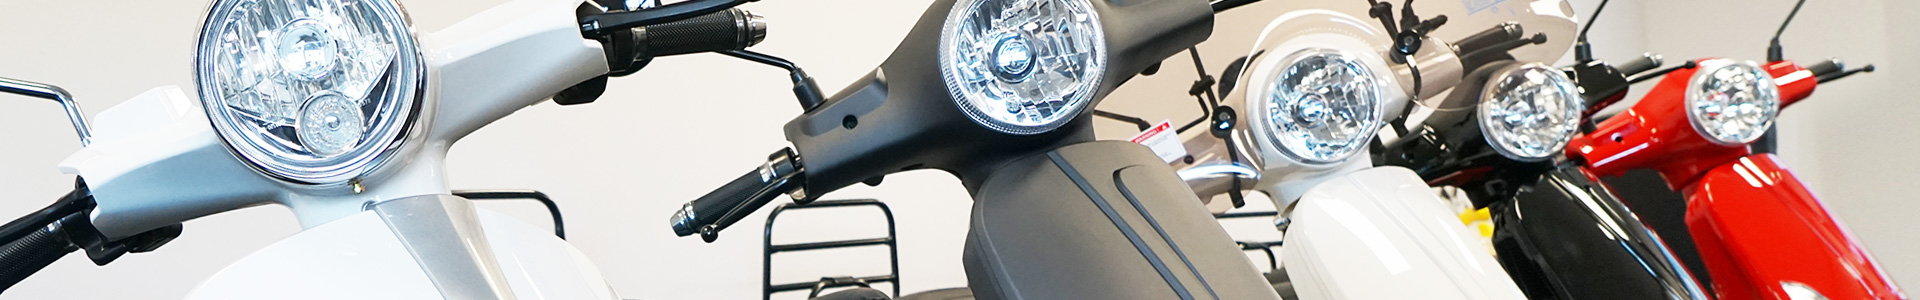 FOX elektrische scooters